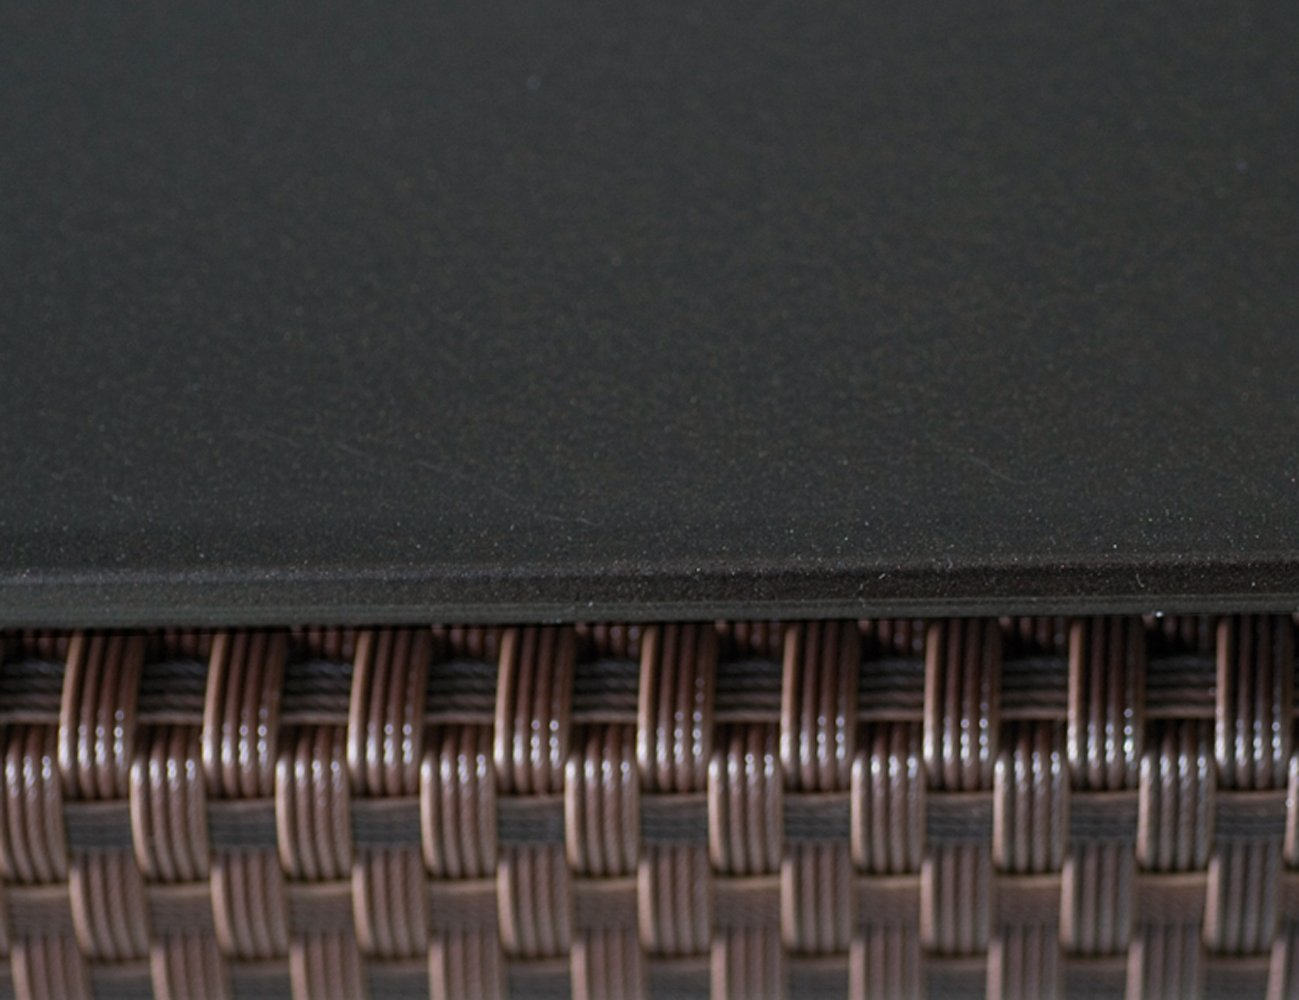 Siena Garden 573330 Tischplatte Tavilo, Dekor uni schwarz, 160 x 90 cm